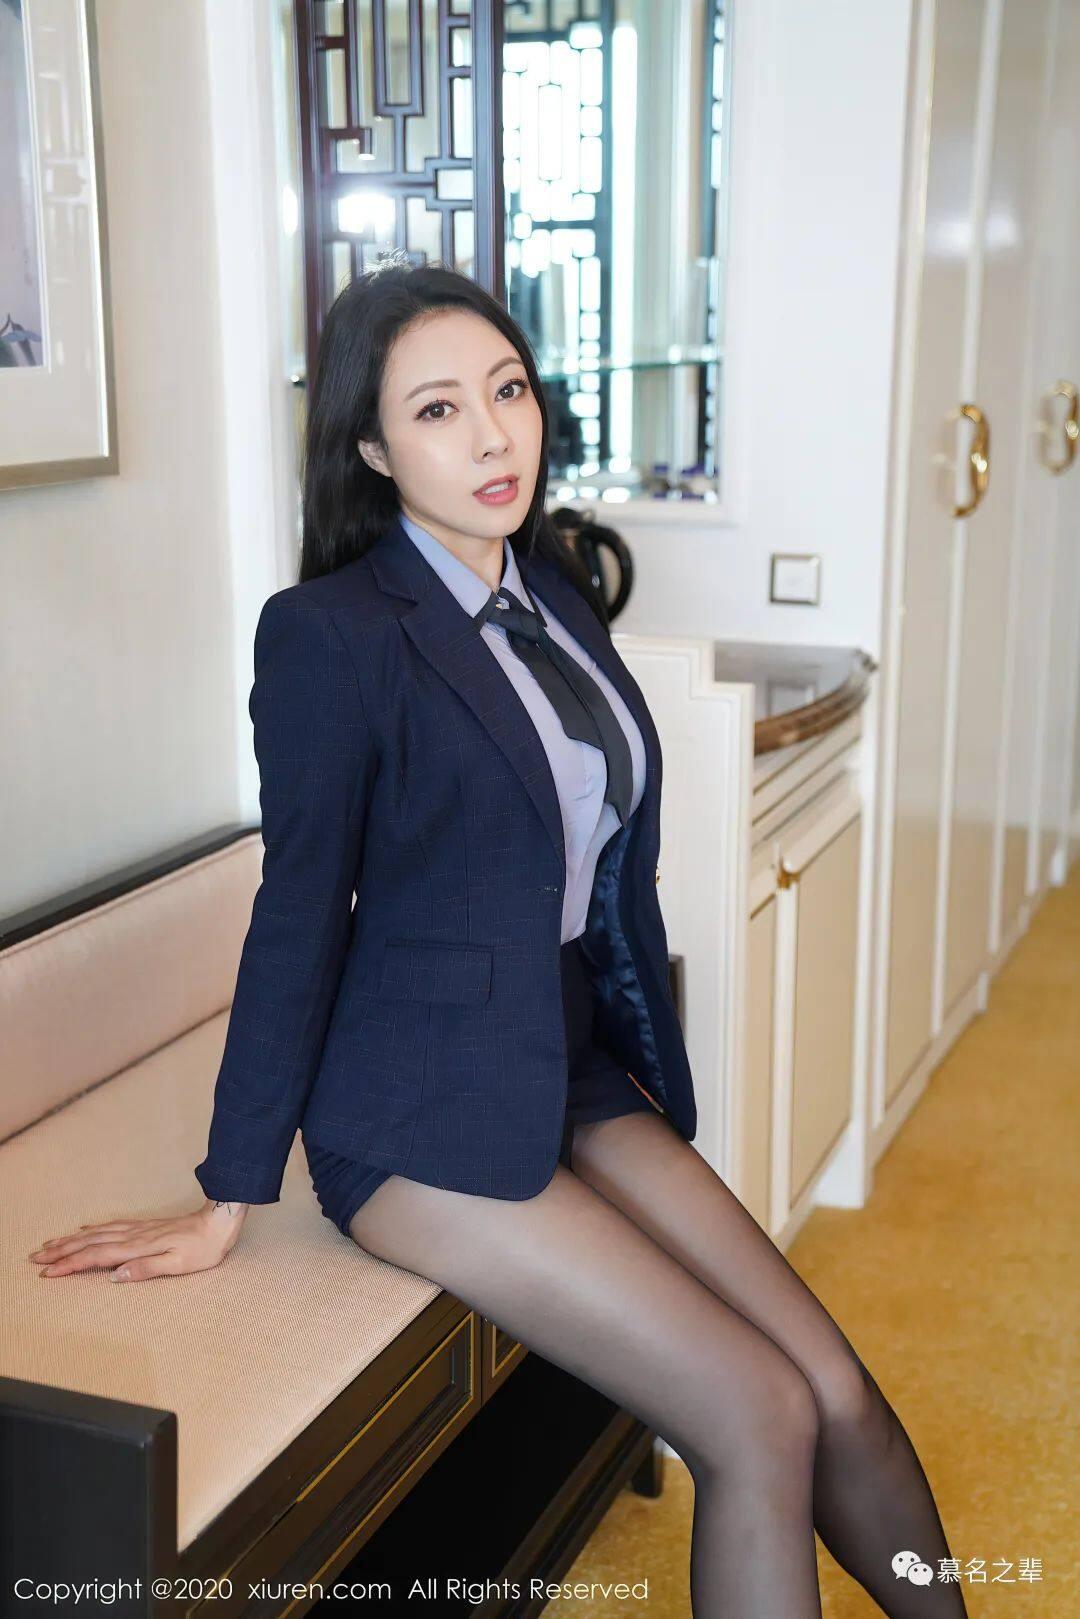 私房模特写真——松果儿Victoria(F罩杯)36